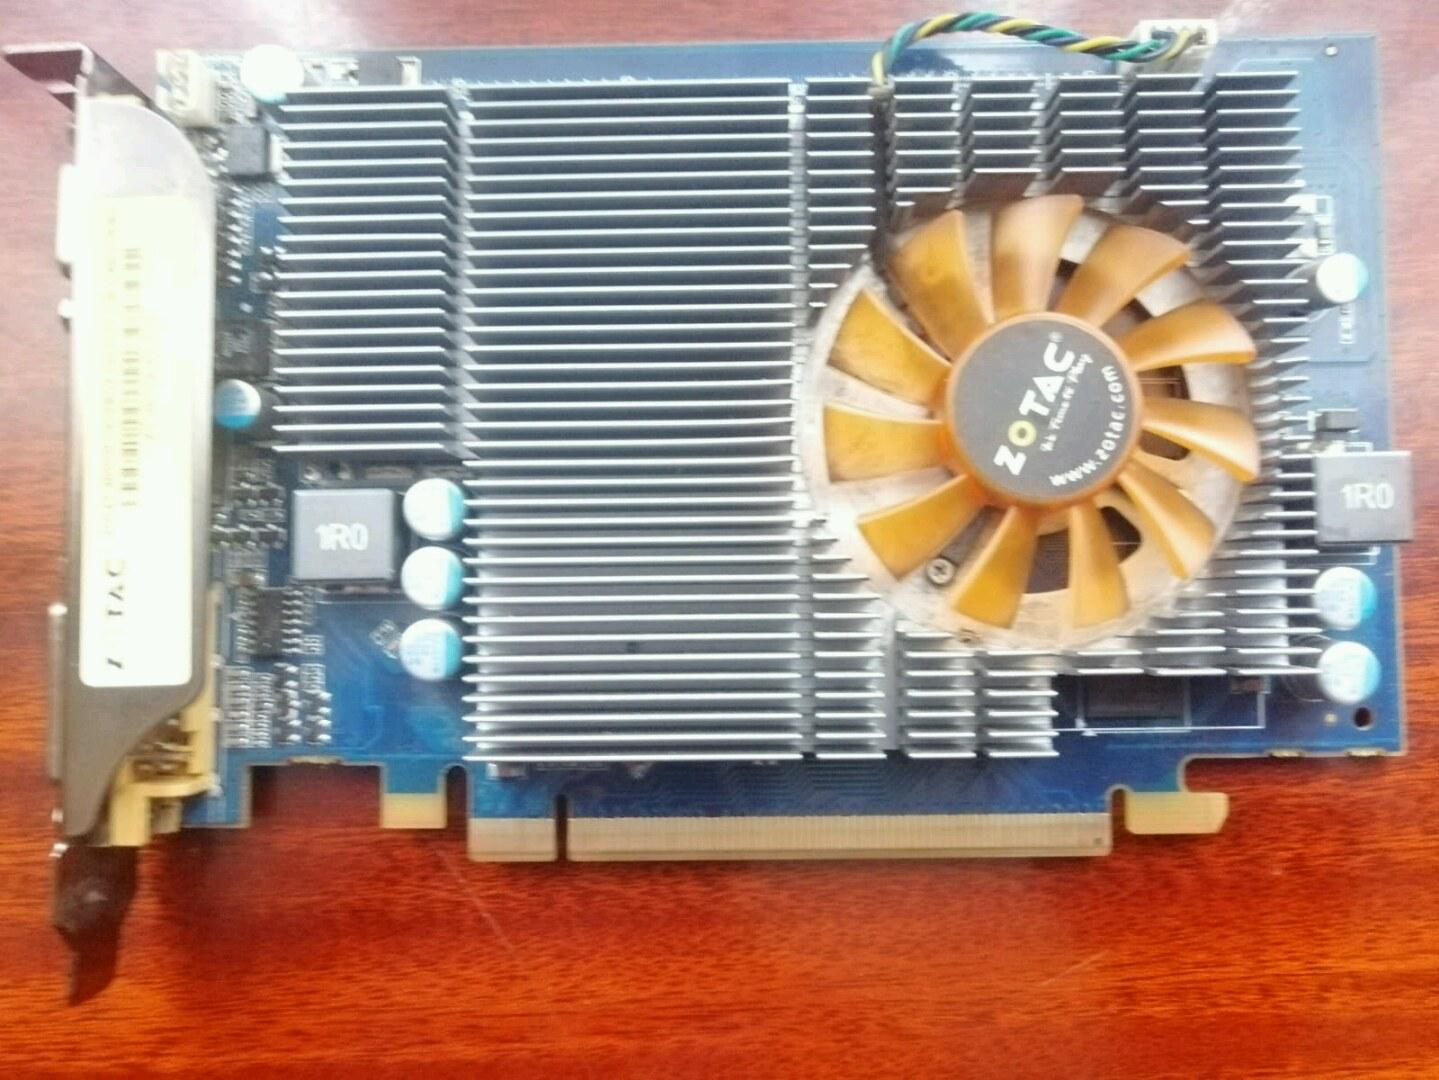 ZOTAC 9600 GT 1GB 128 BİT